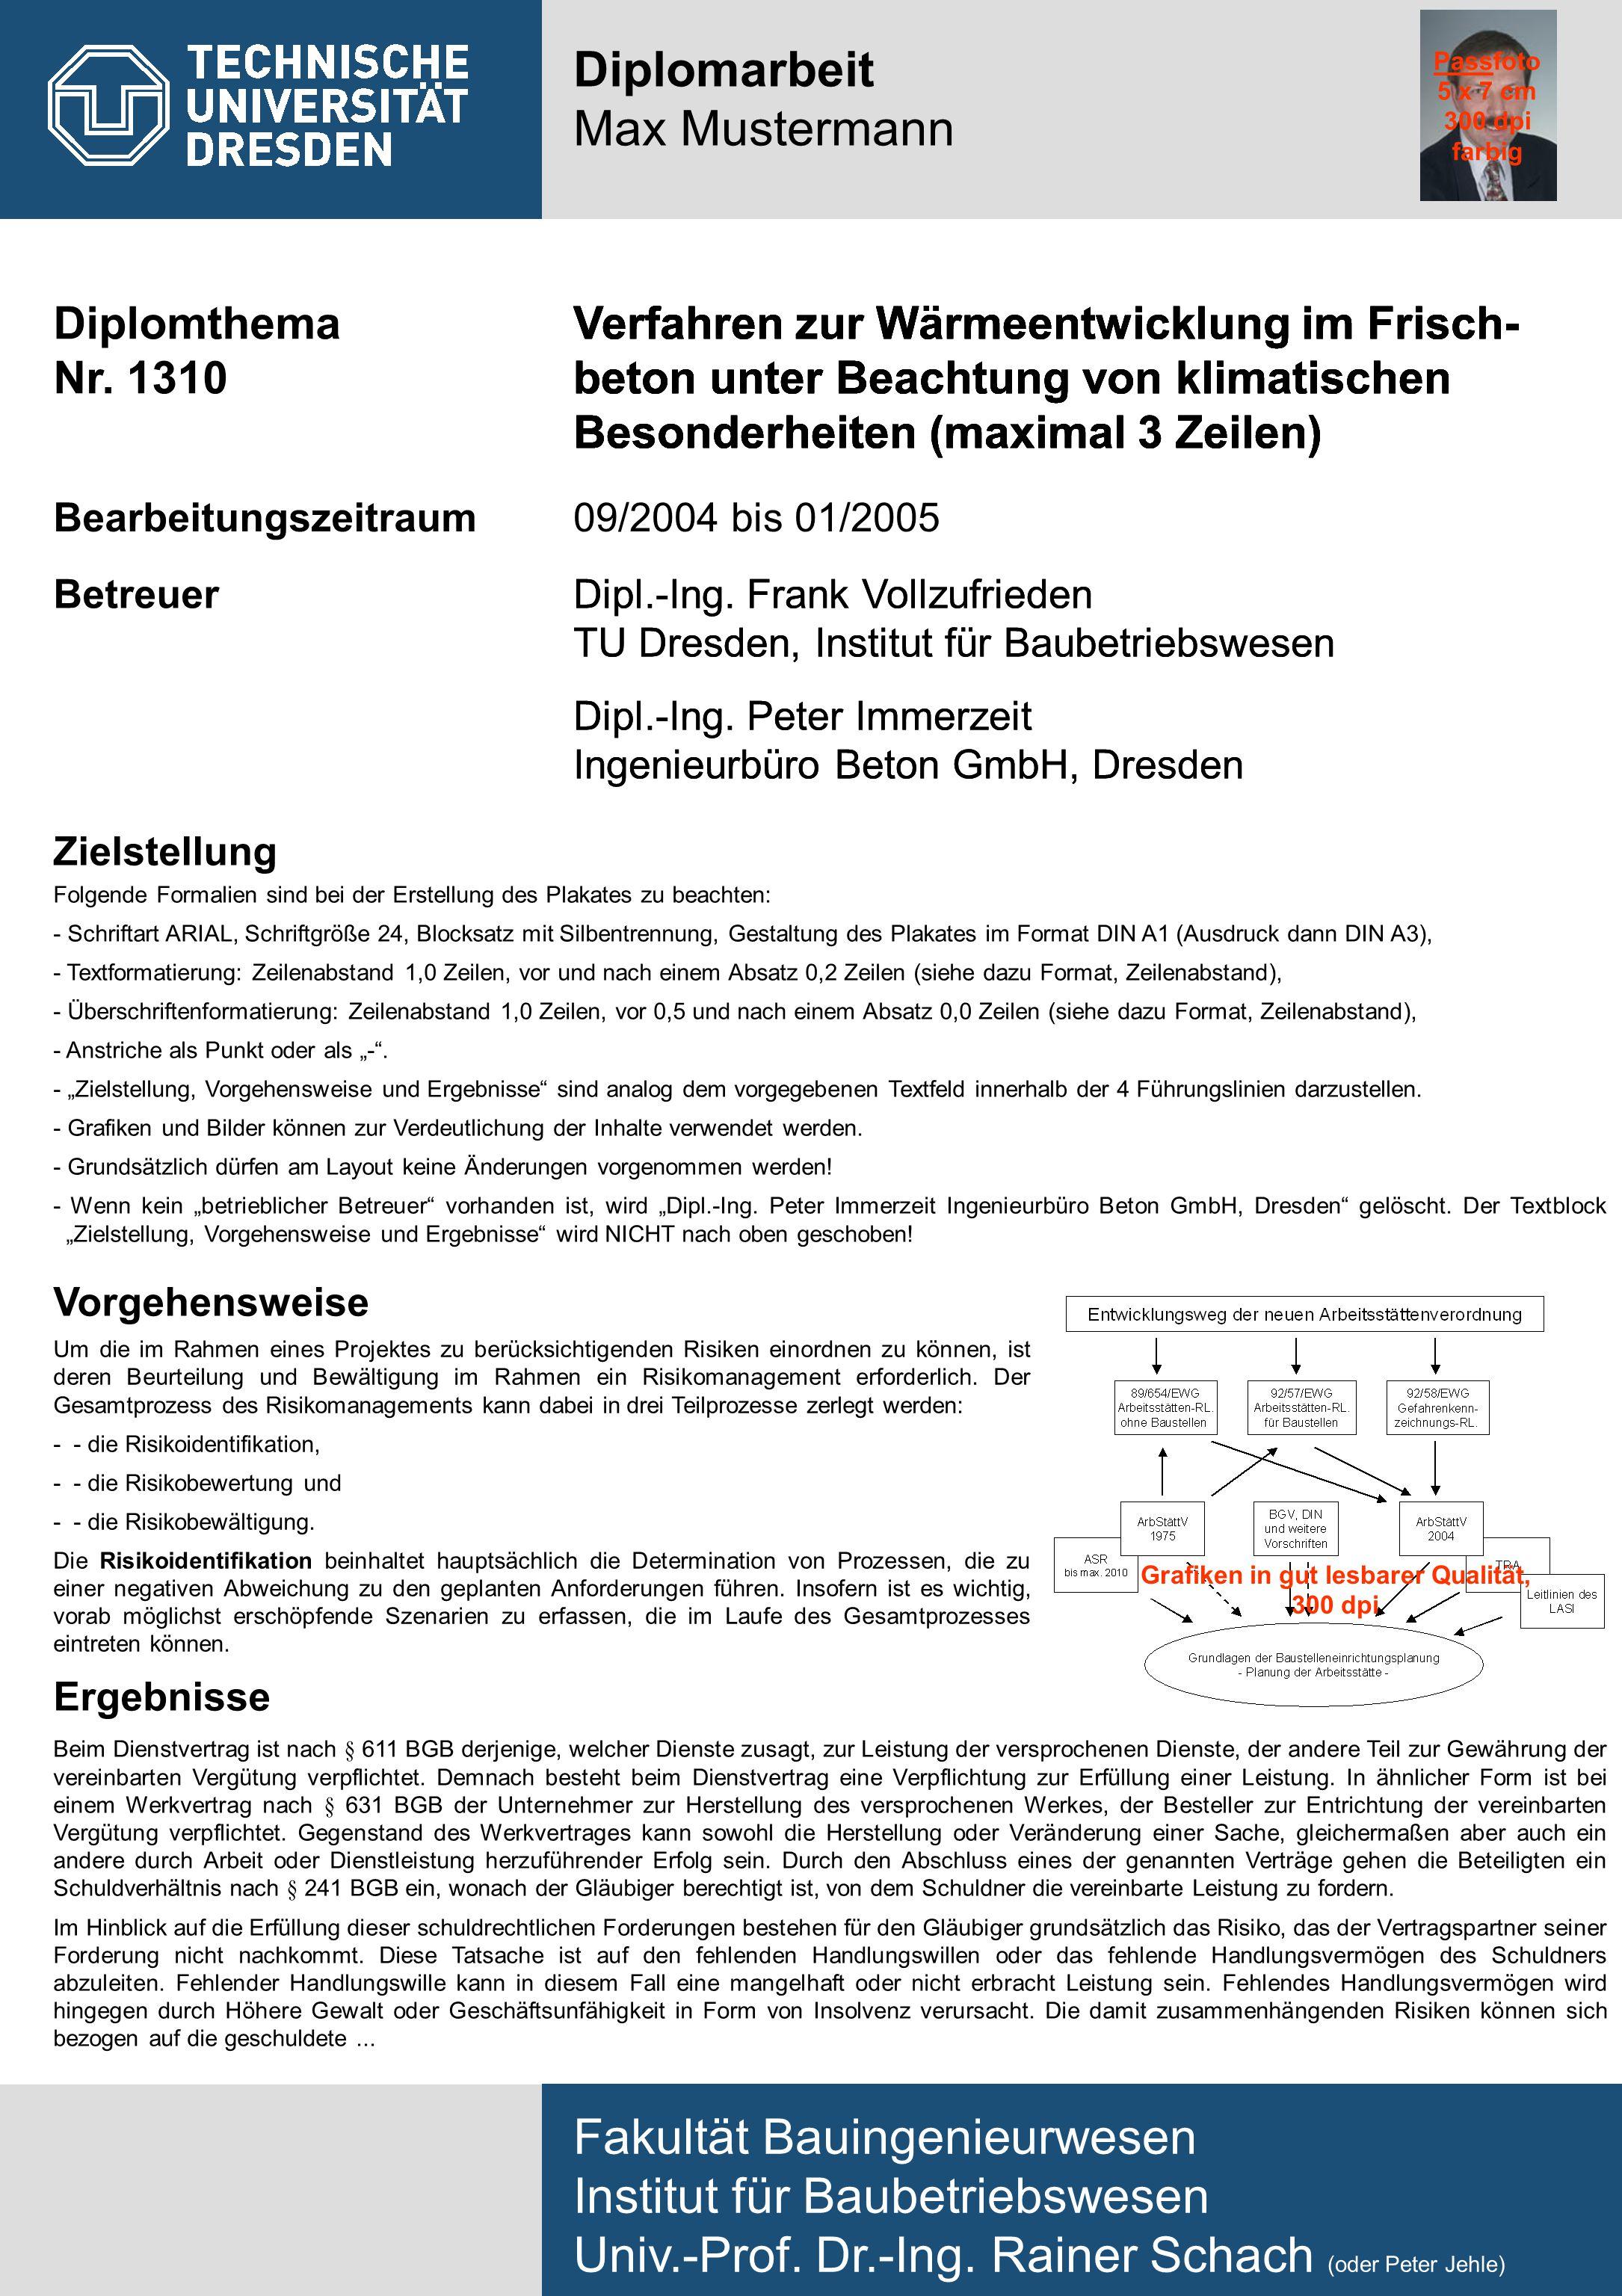 Diplomthema Nr. 1310 Fakultät Bauingenieurwesen Institut für Baubetriebswesen Univ.-Prof. Dr.-Ing. Rainer Schach (oder Peter Jehle) Diplomarbeit Max M